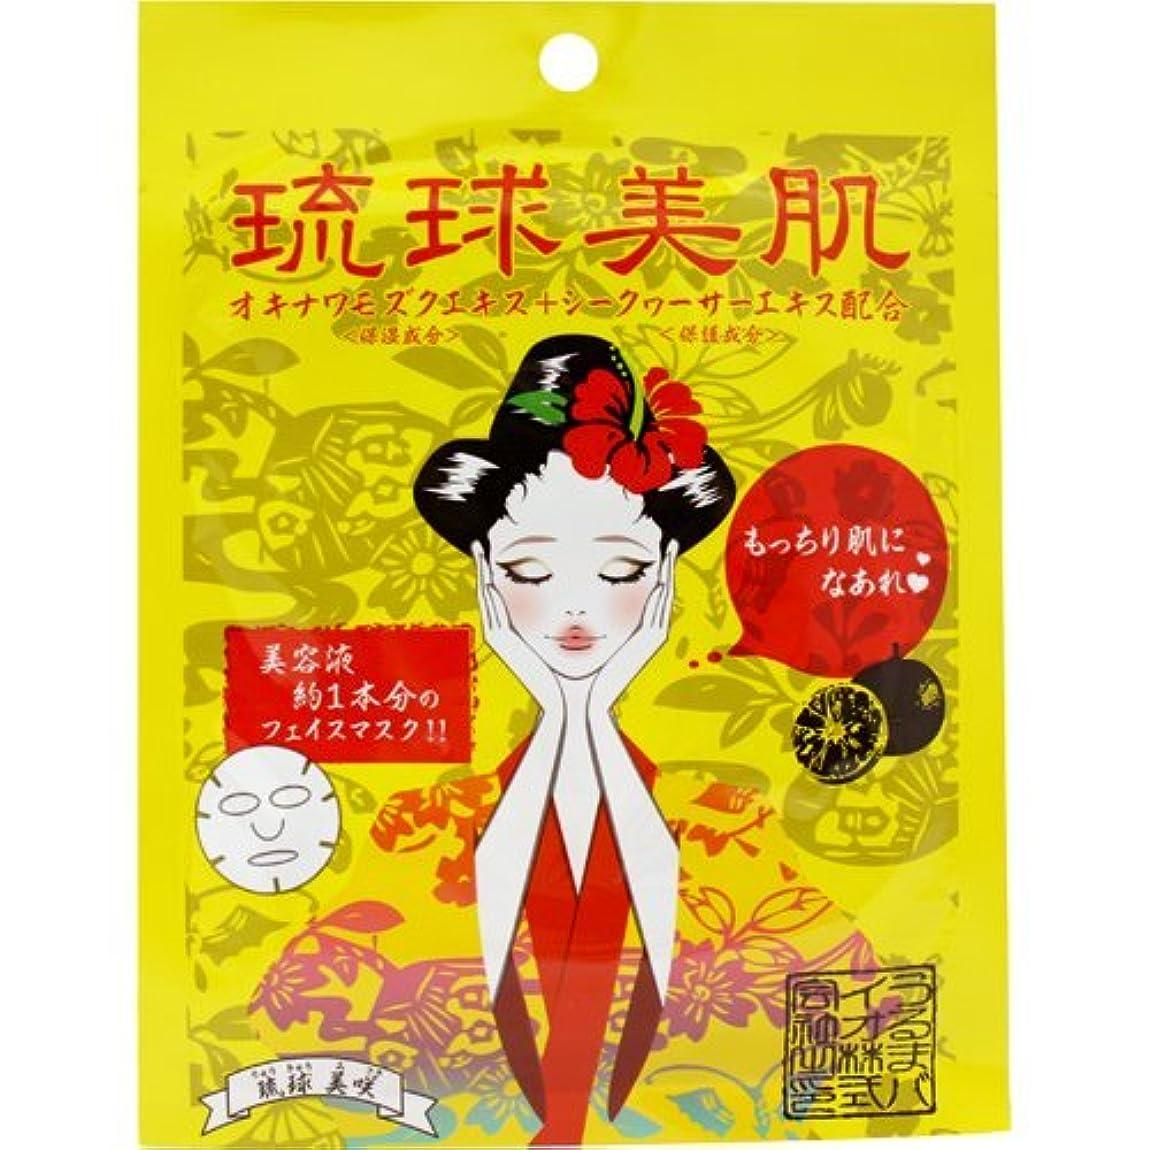 マントブレーキ適格琉球美肌 フェイスマスクシート シークワーサー 10枚×3箱